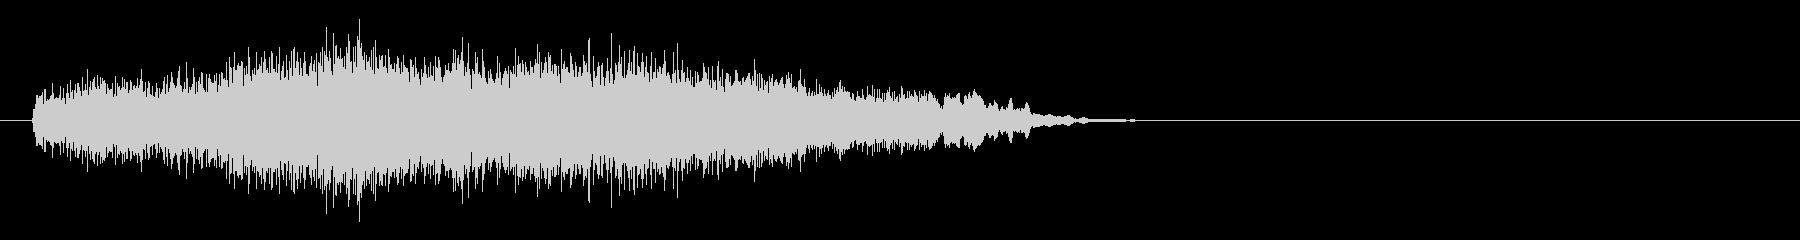 厚いシンセサイザー音のサウンドロゴの未再生の波形